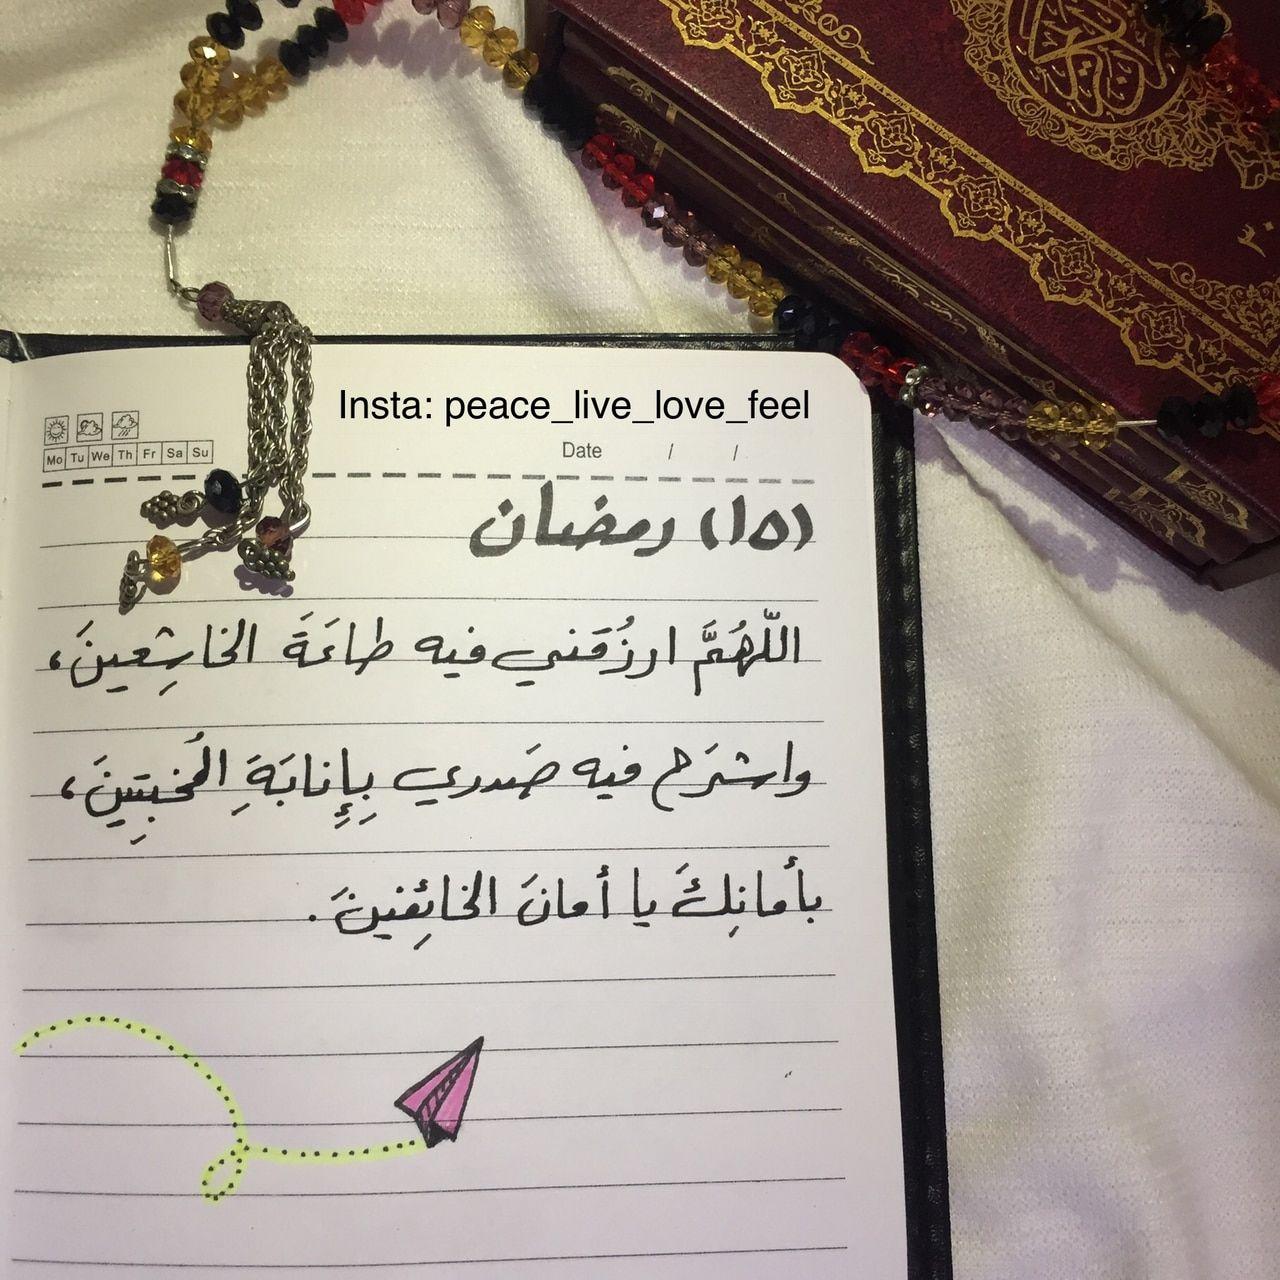 دعاء رمضان دعاء ادعية رمضان رمضان كريم رمضانيات اسلاميات اقتباسات رسم تصويري تصاميم تمبلريات عربي انستقر Ramadan Quotes Ramadan Day Ramadan Cards